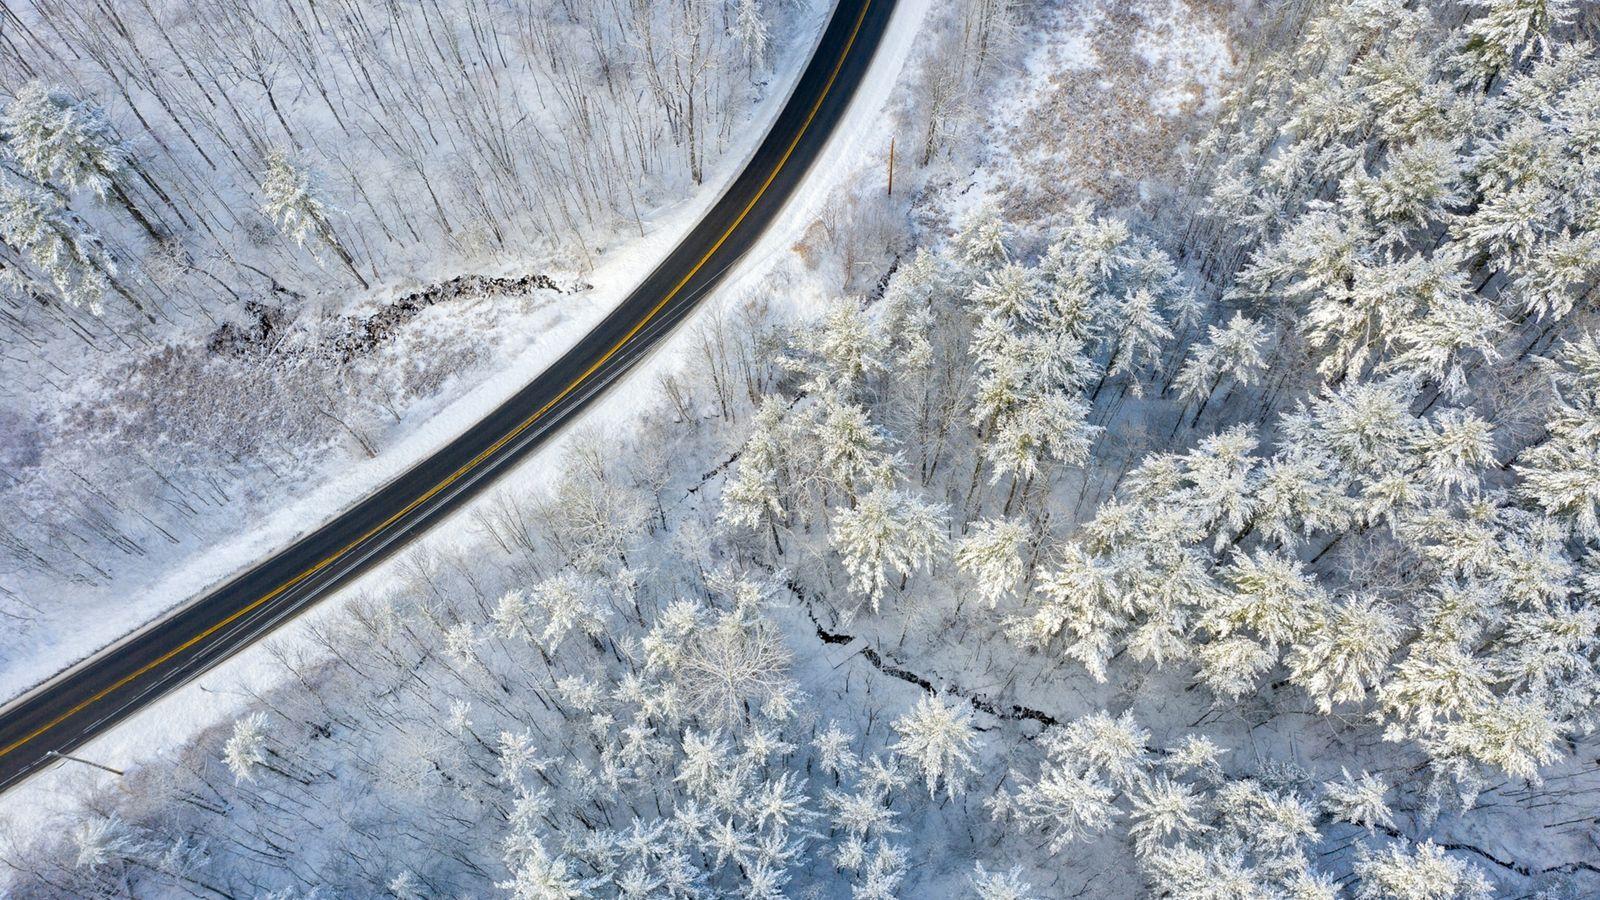 O fotógrafo de drone Caleb Kenna capturou uma manhã de inverno com muita neve no Parque ...